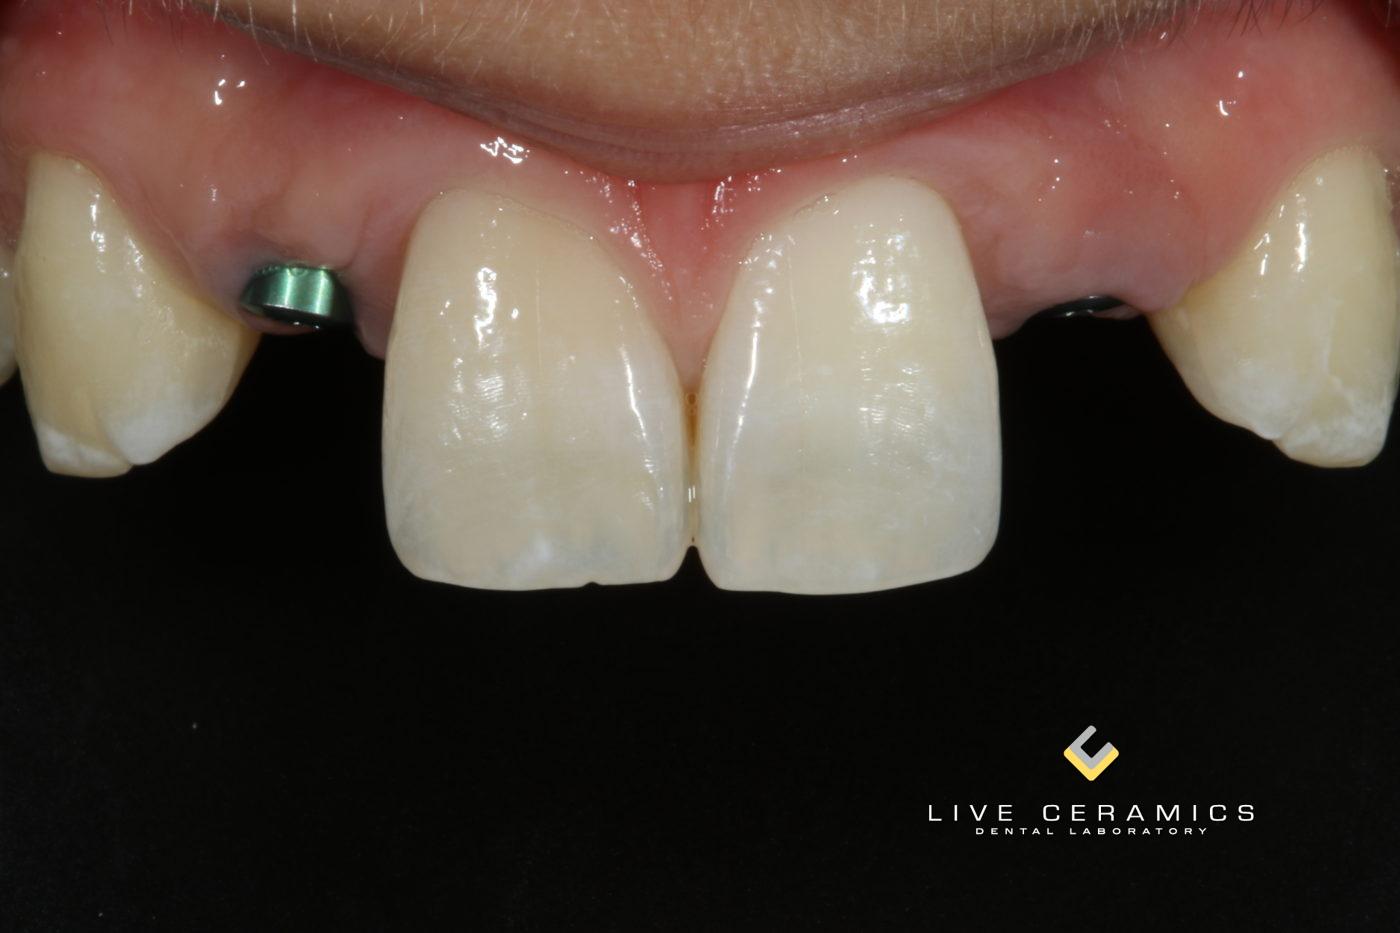 Implant 3-2